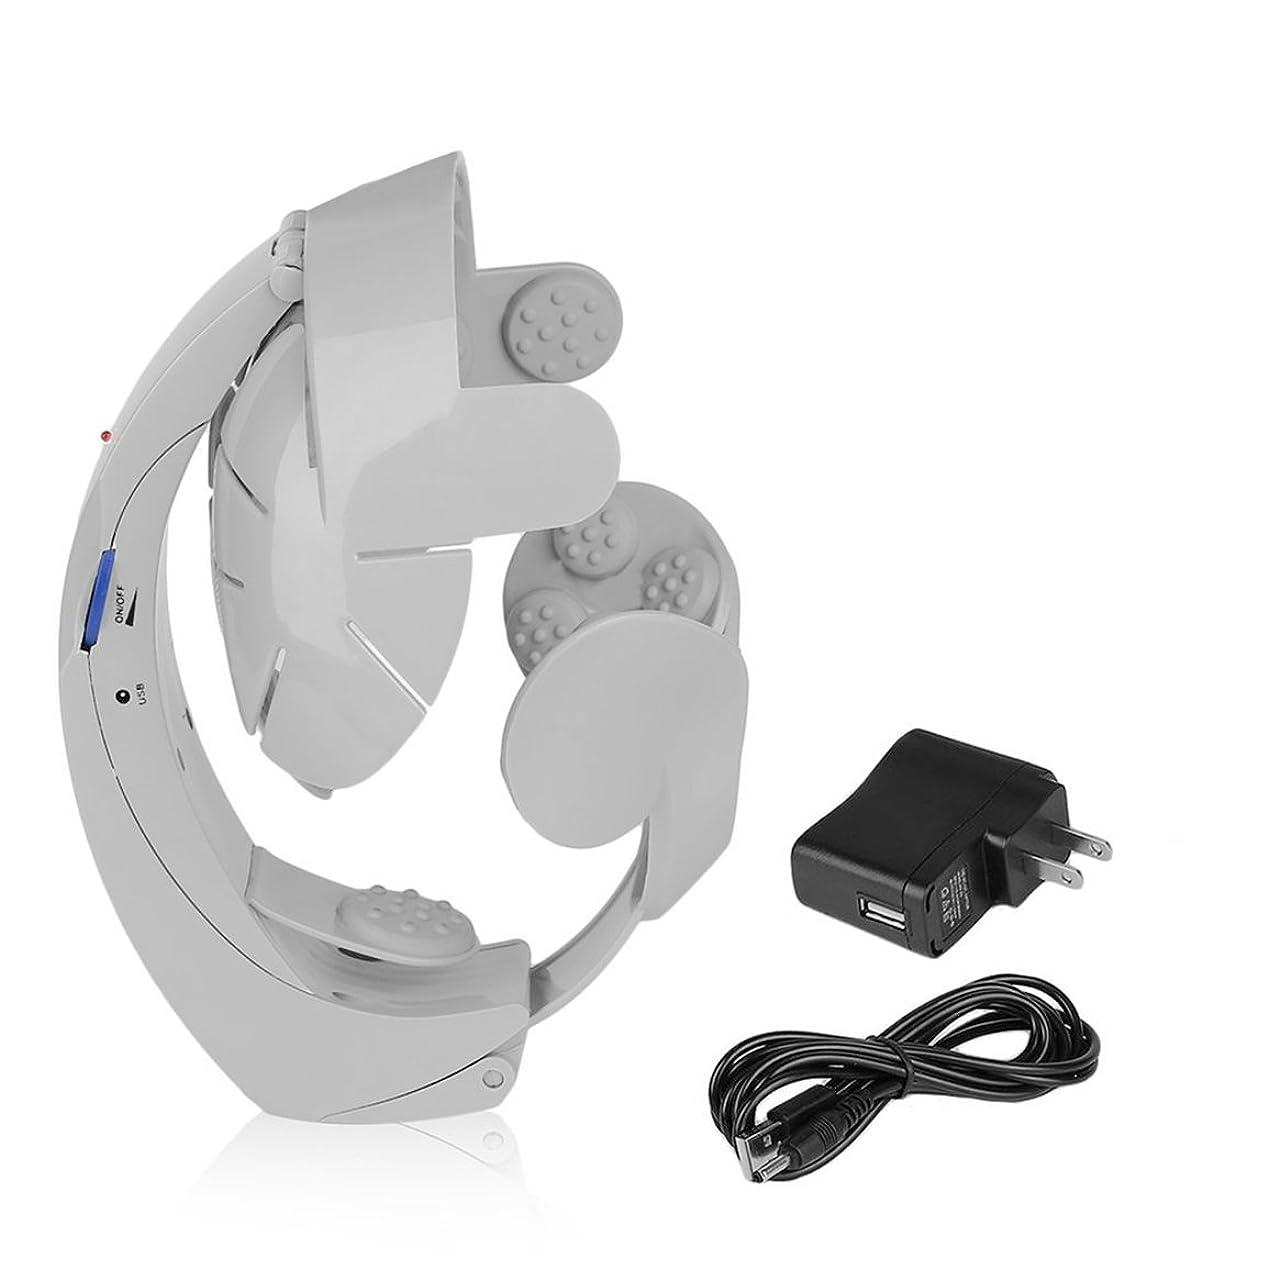 人類フィールドラウンジヒューマノイドデザイン電動ヘッドマッサージ脳のマッサージリラックス簡単な鍼治療ファッションスタイルヘルスケアサプライ